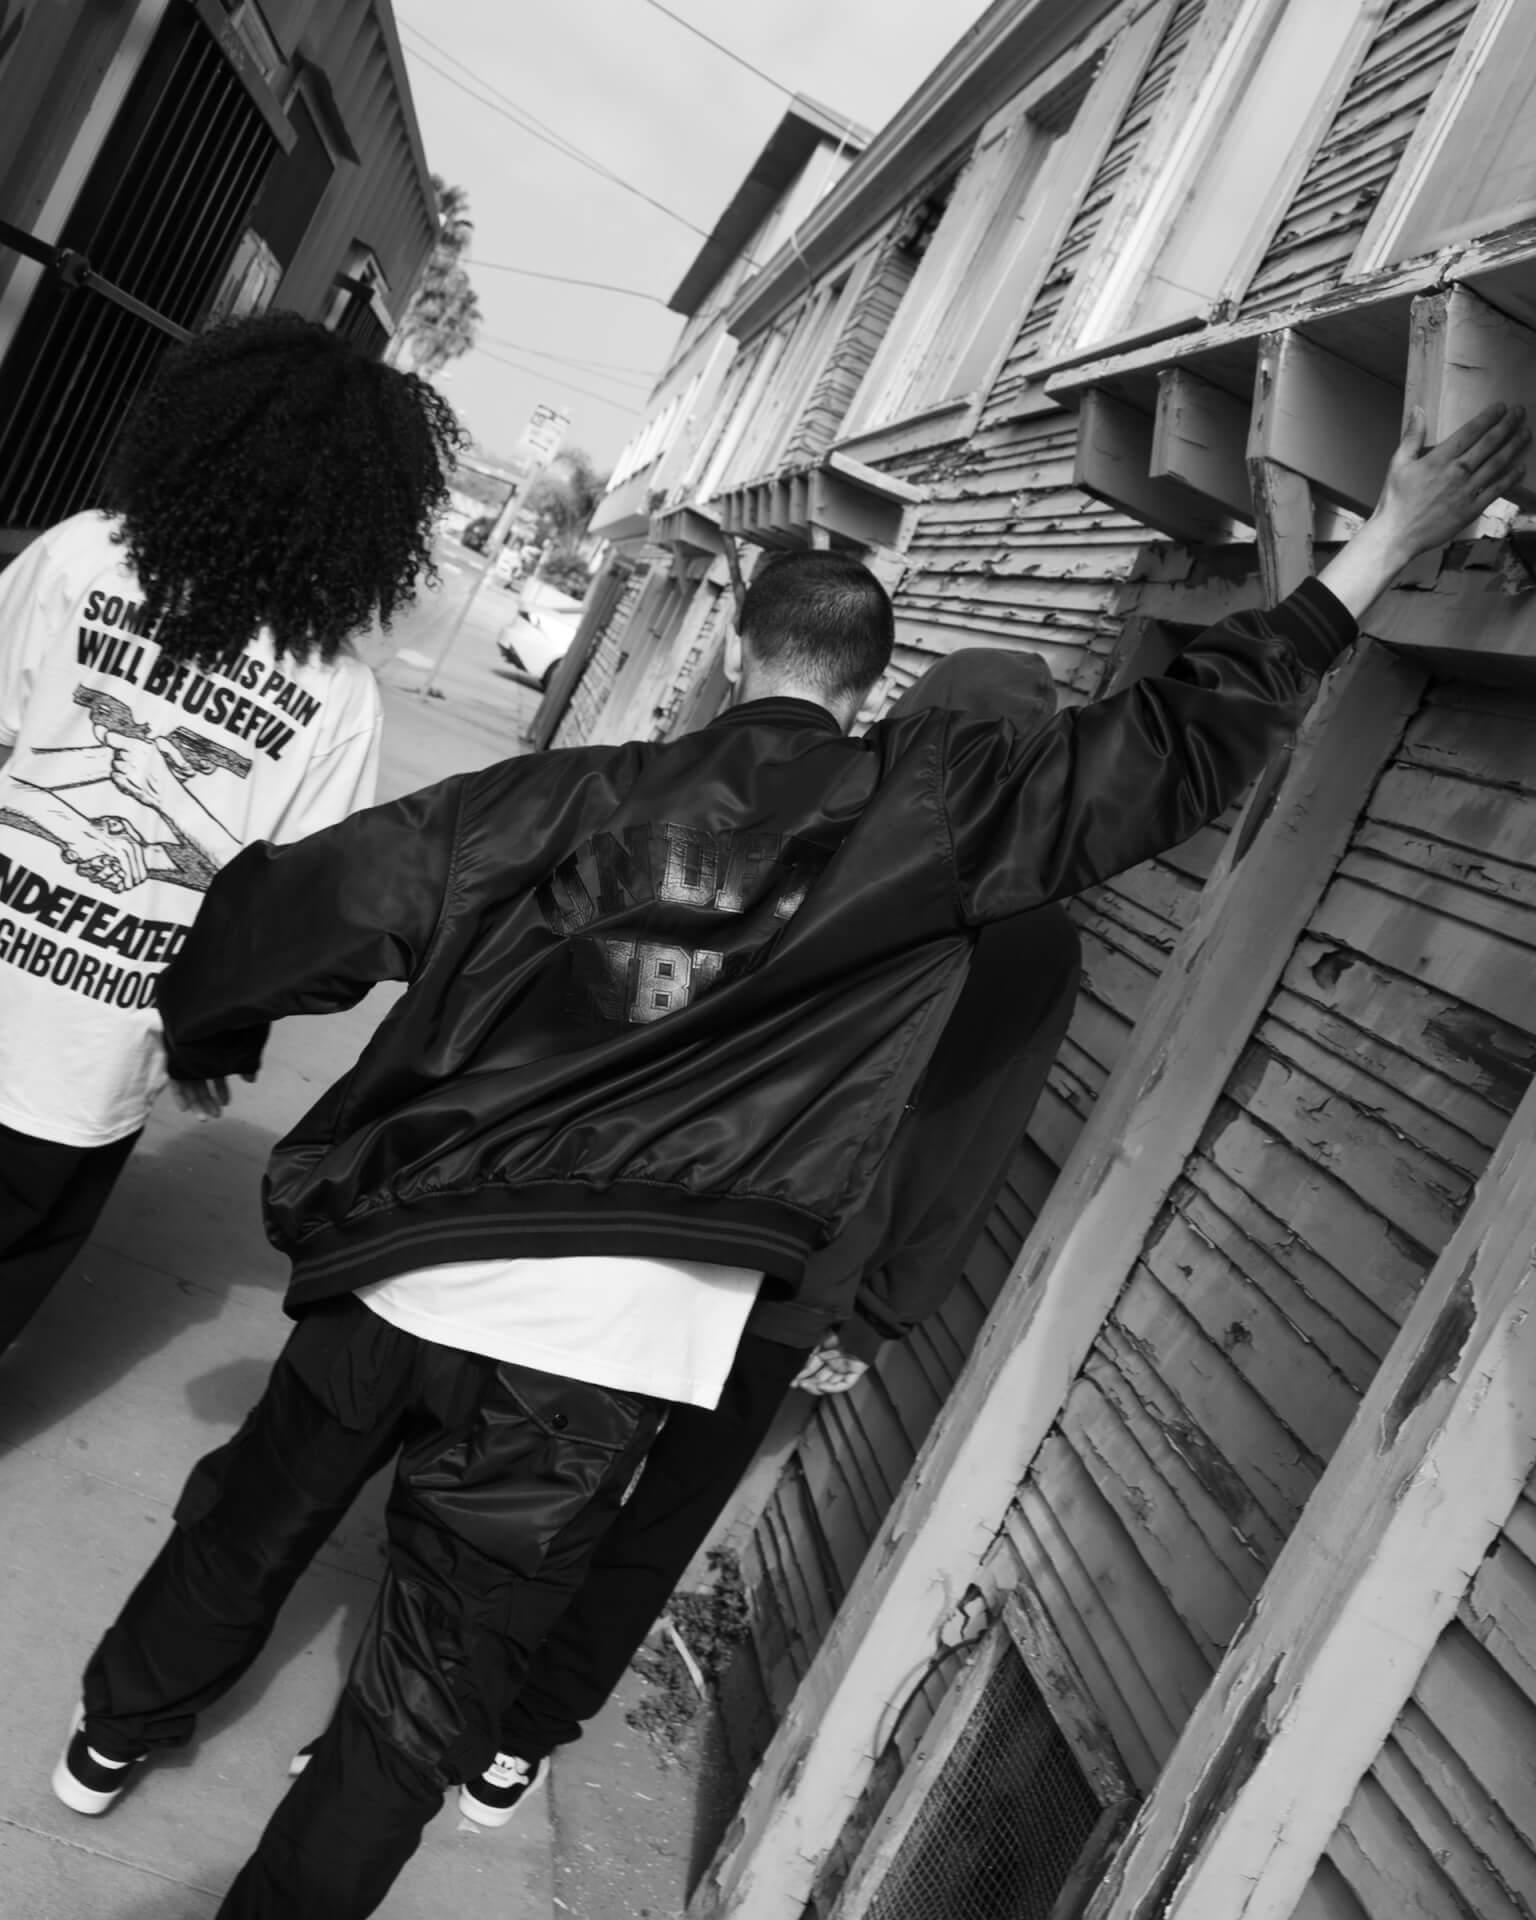 NEIGHBORHOODとUNDEFEATEDのコラボコレクションが今週リリース!社会問題をテーマにしたストリートウェアがラインナップ life210216_neighborhood_undefeted_3